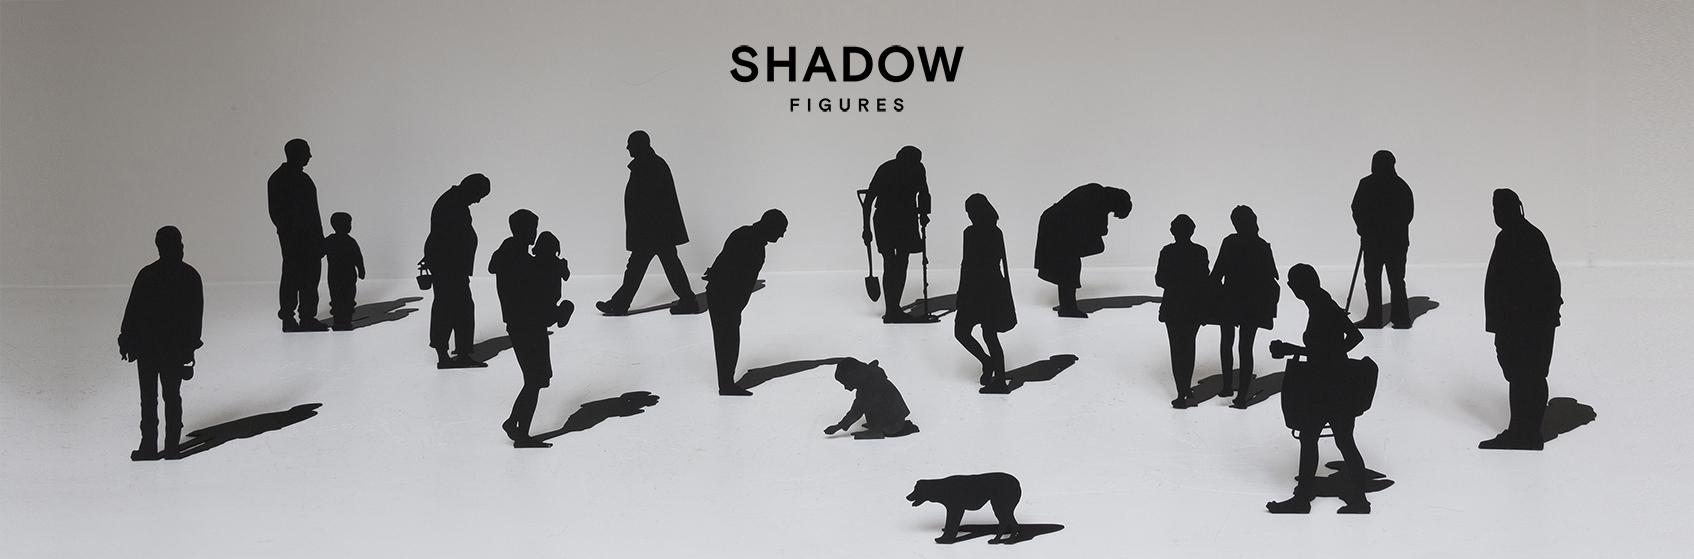 Shaduw Figures - De Molensteen Hoorn